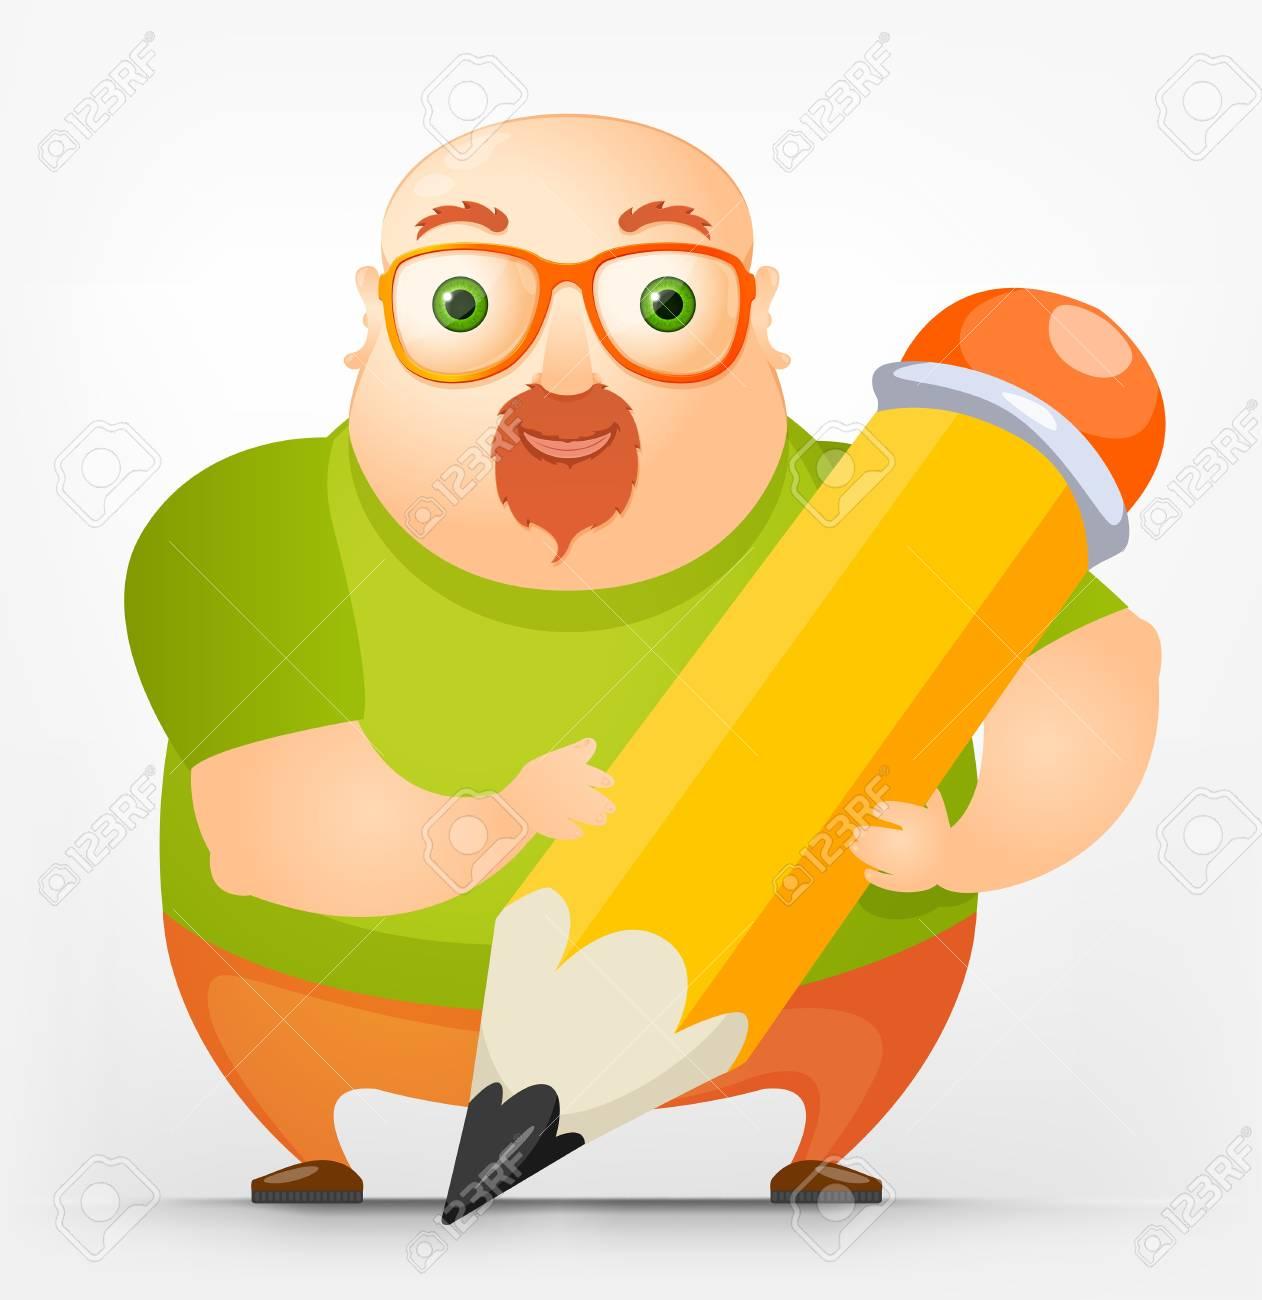 Cheerful Chubby Man Stock Vector - 17546378